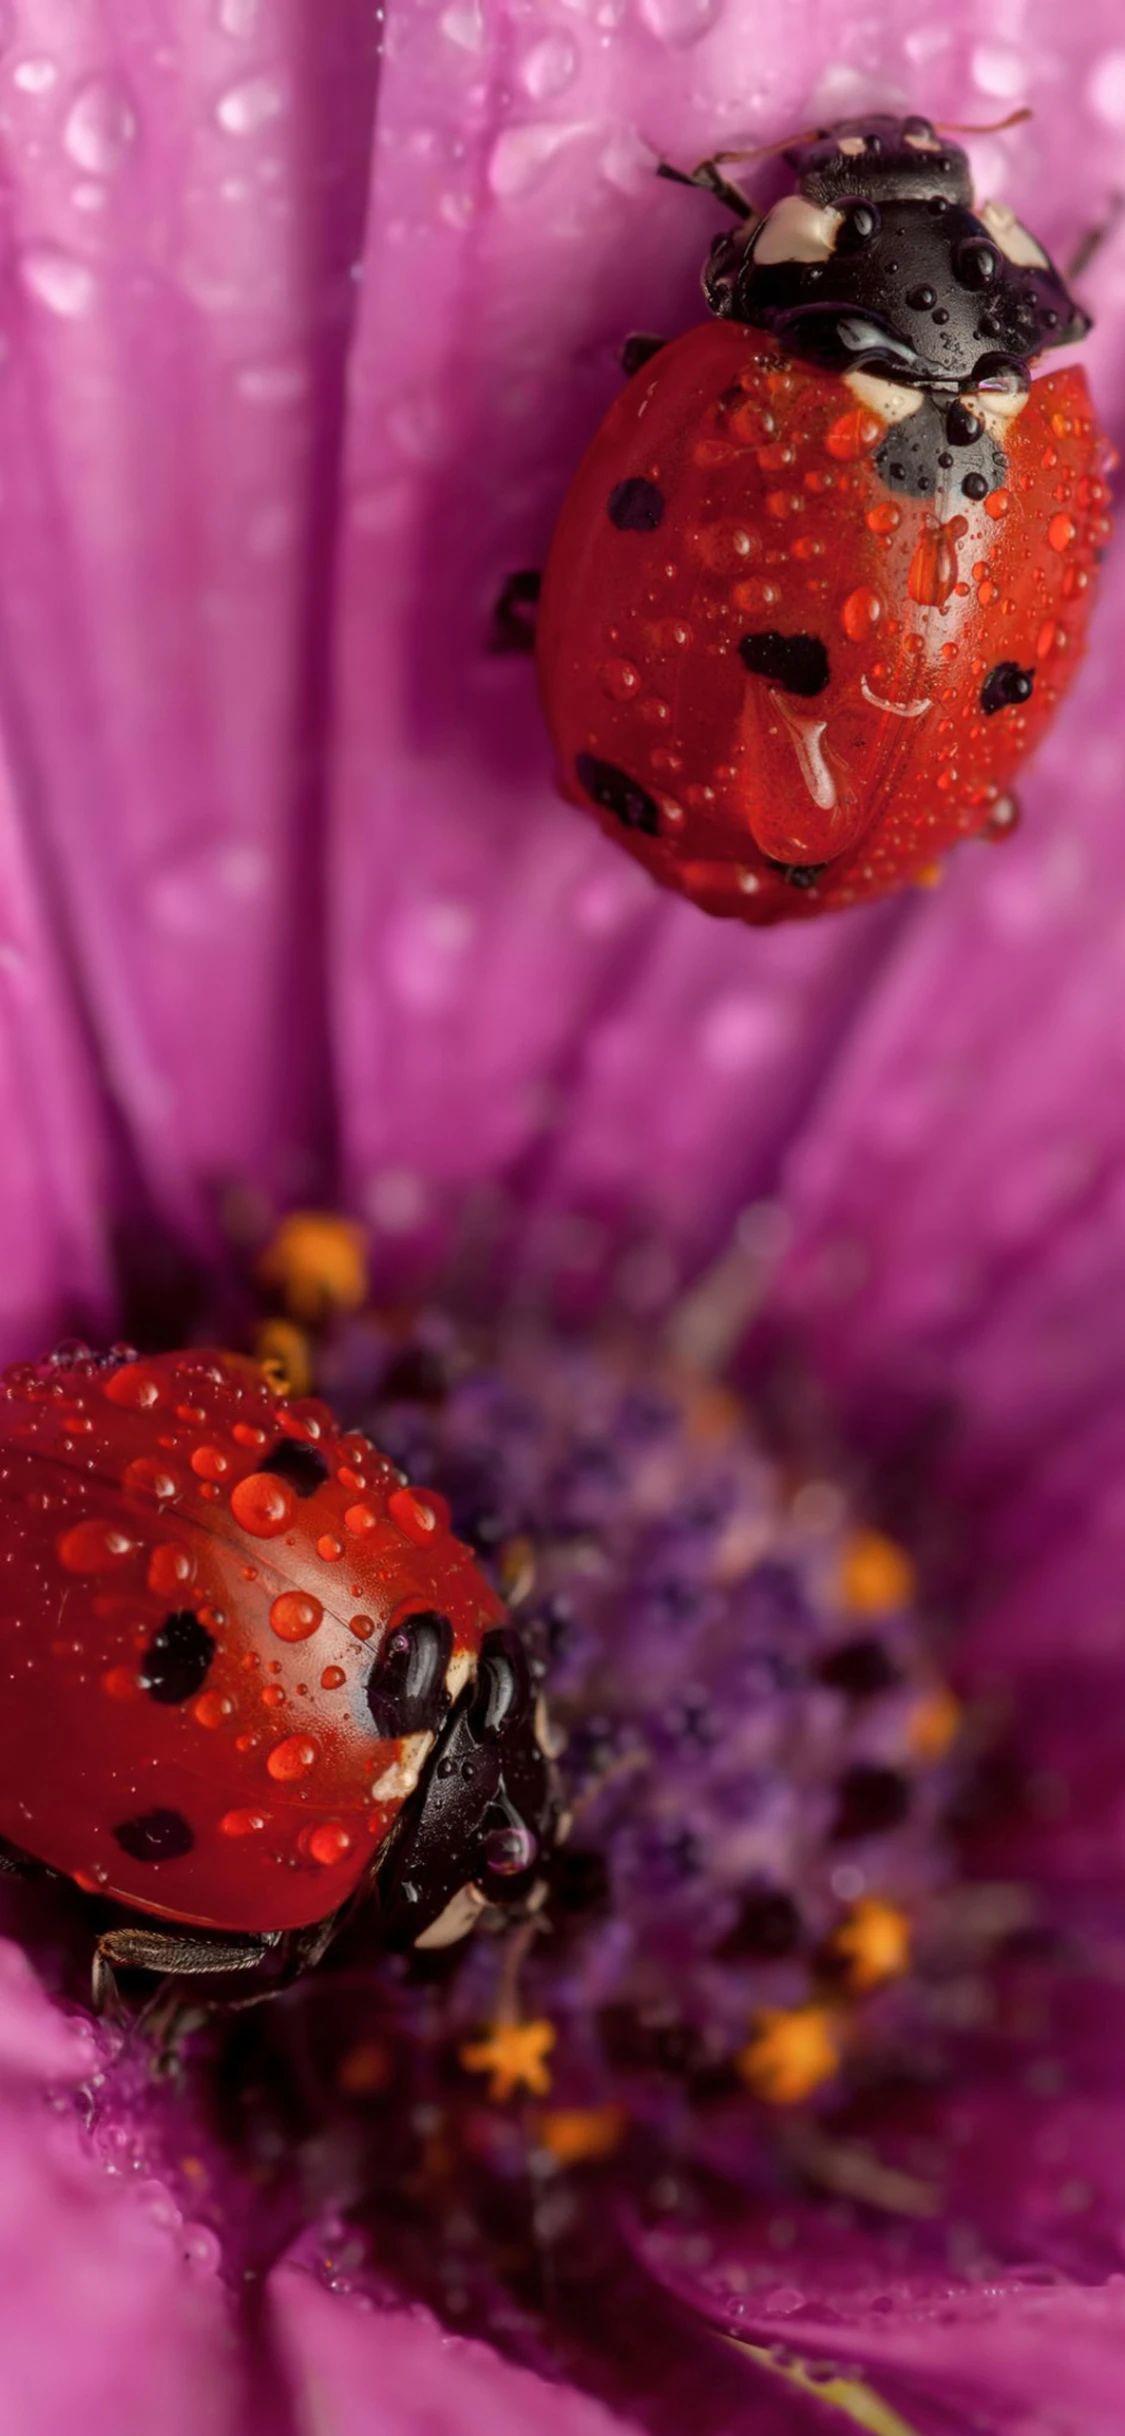 手机壁纸:蜜蜂、瓢虫、花插图3